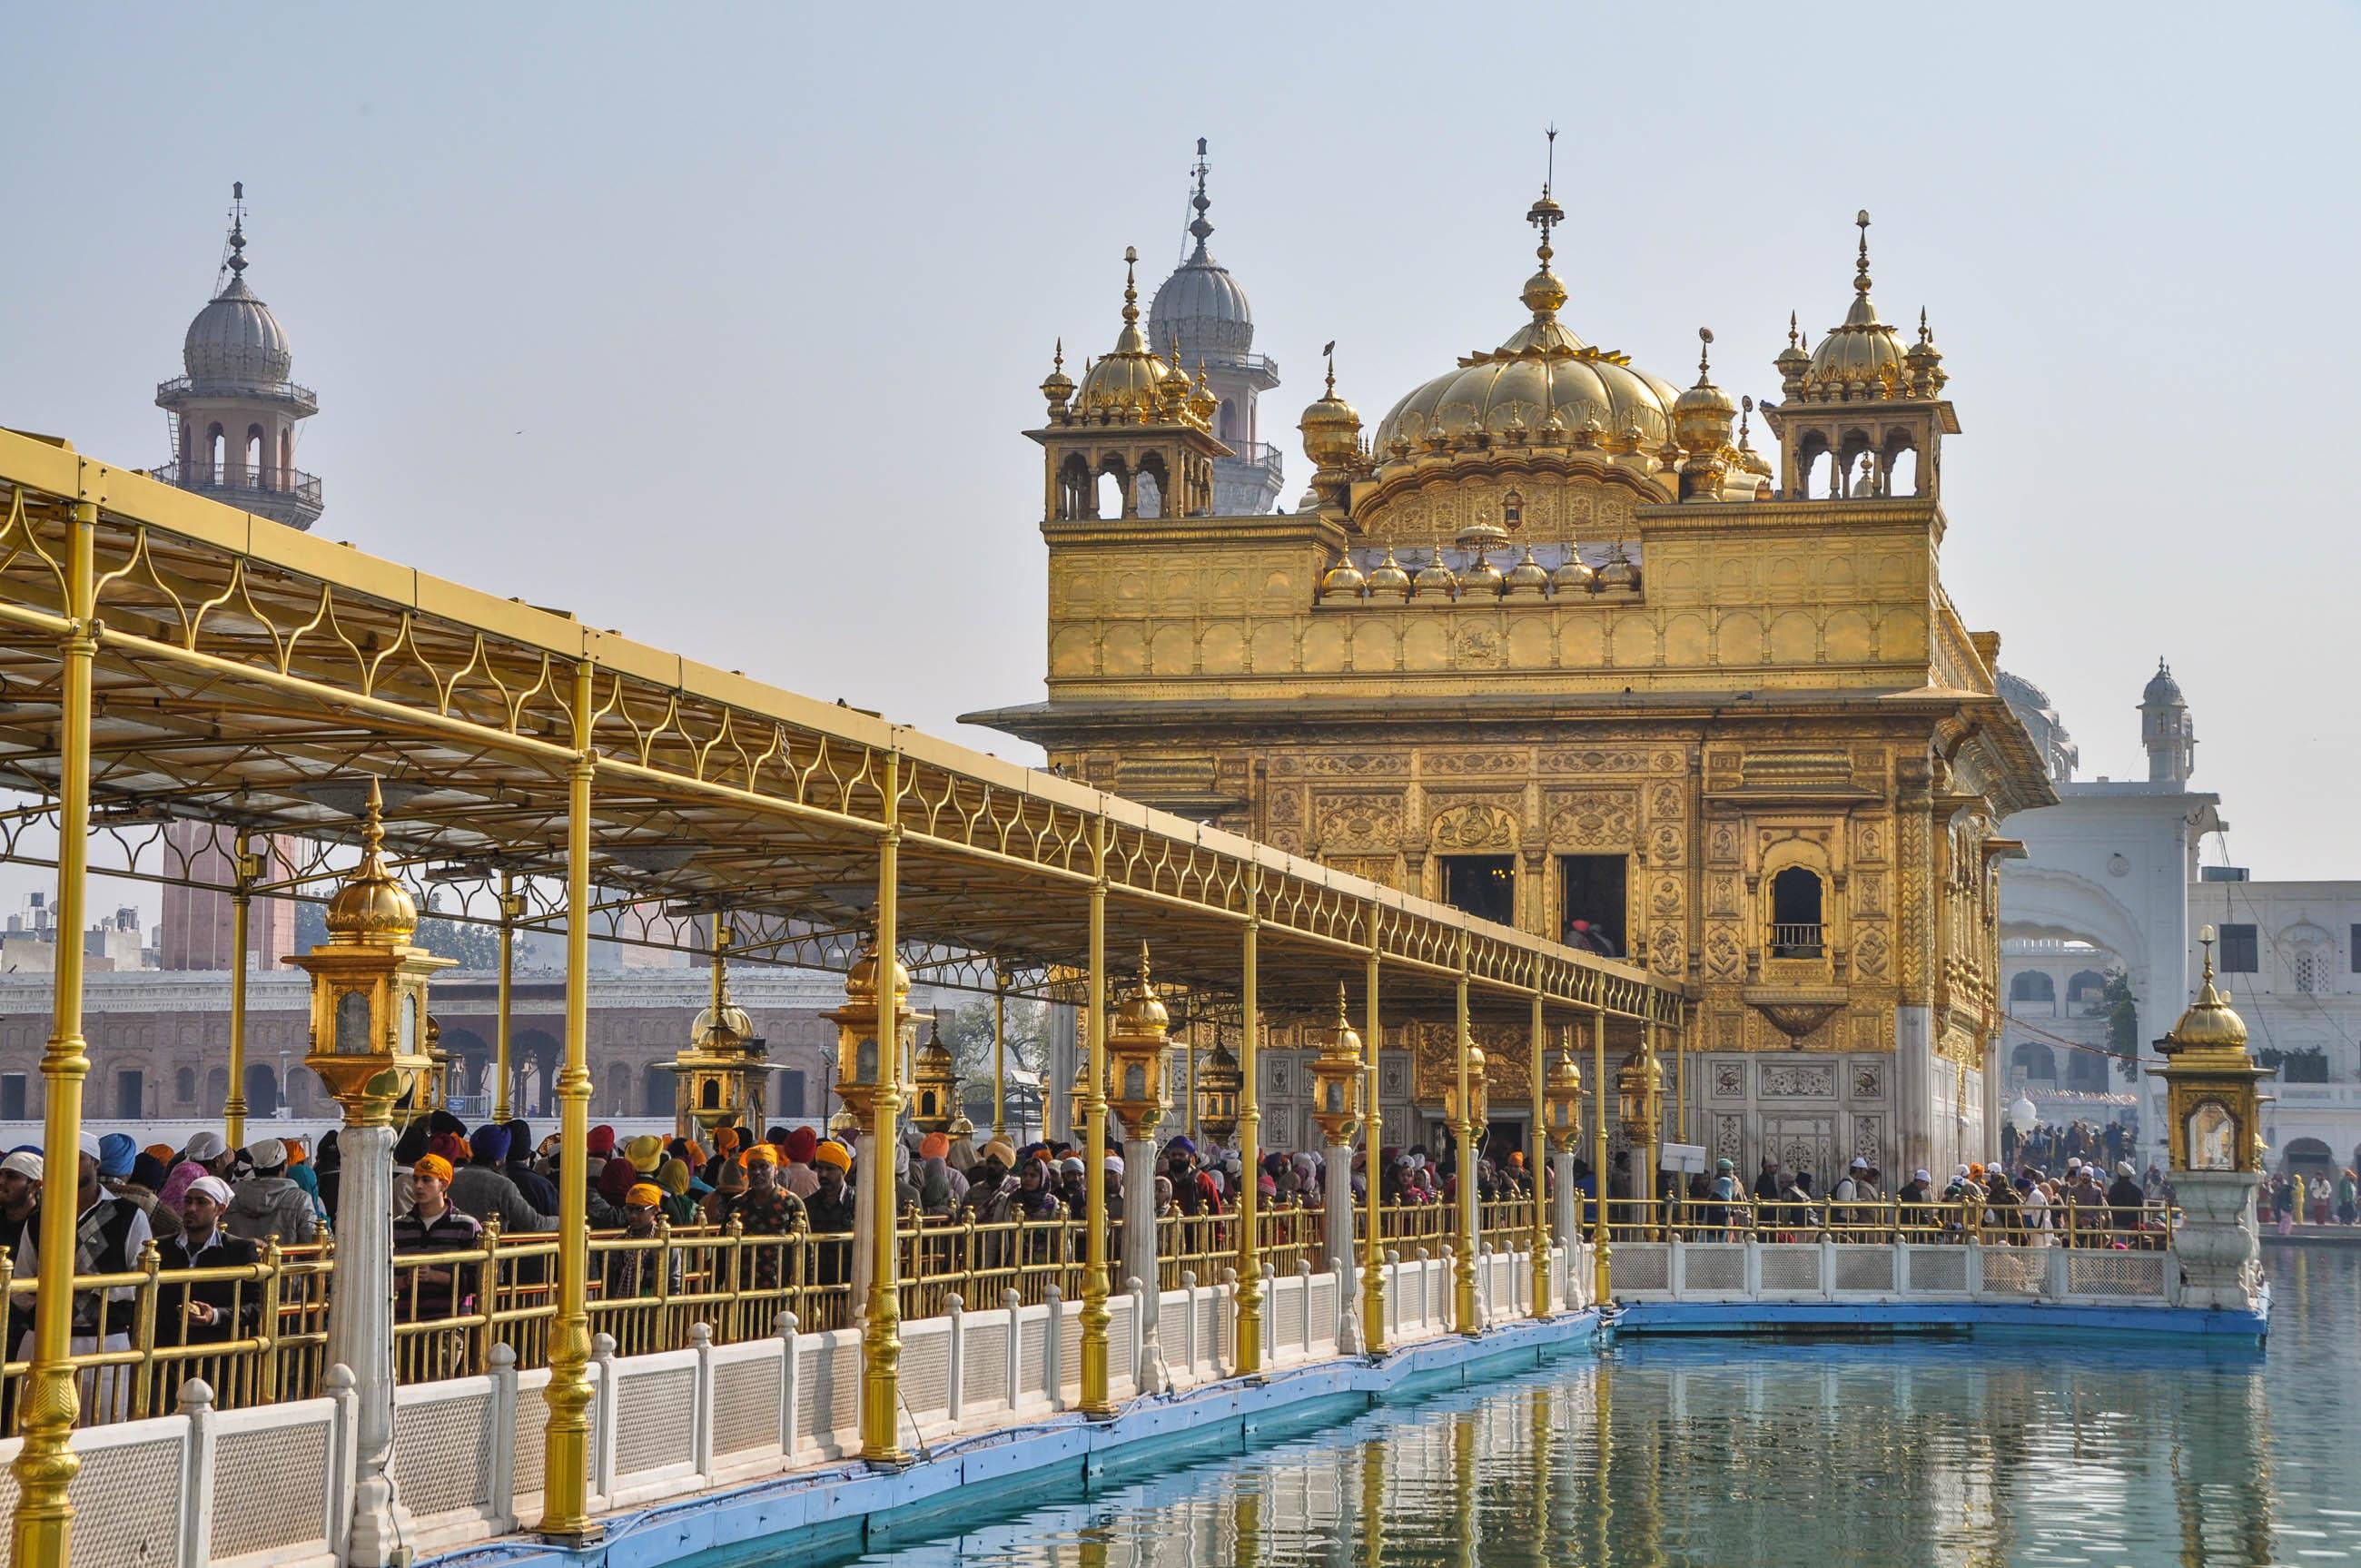 https://bubo.sk/uploads/galleries/3468/tomas_kubus_india_amritsar_dsc_0156.jpg